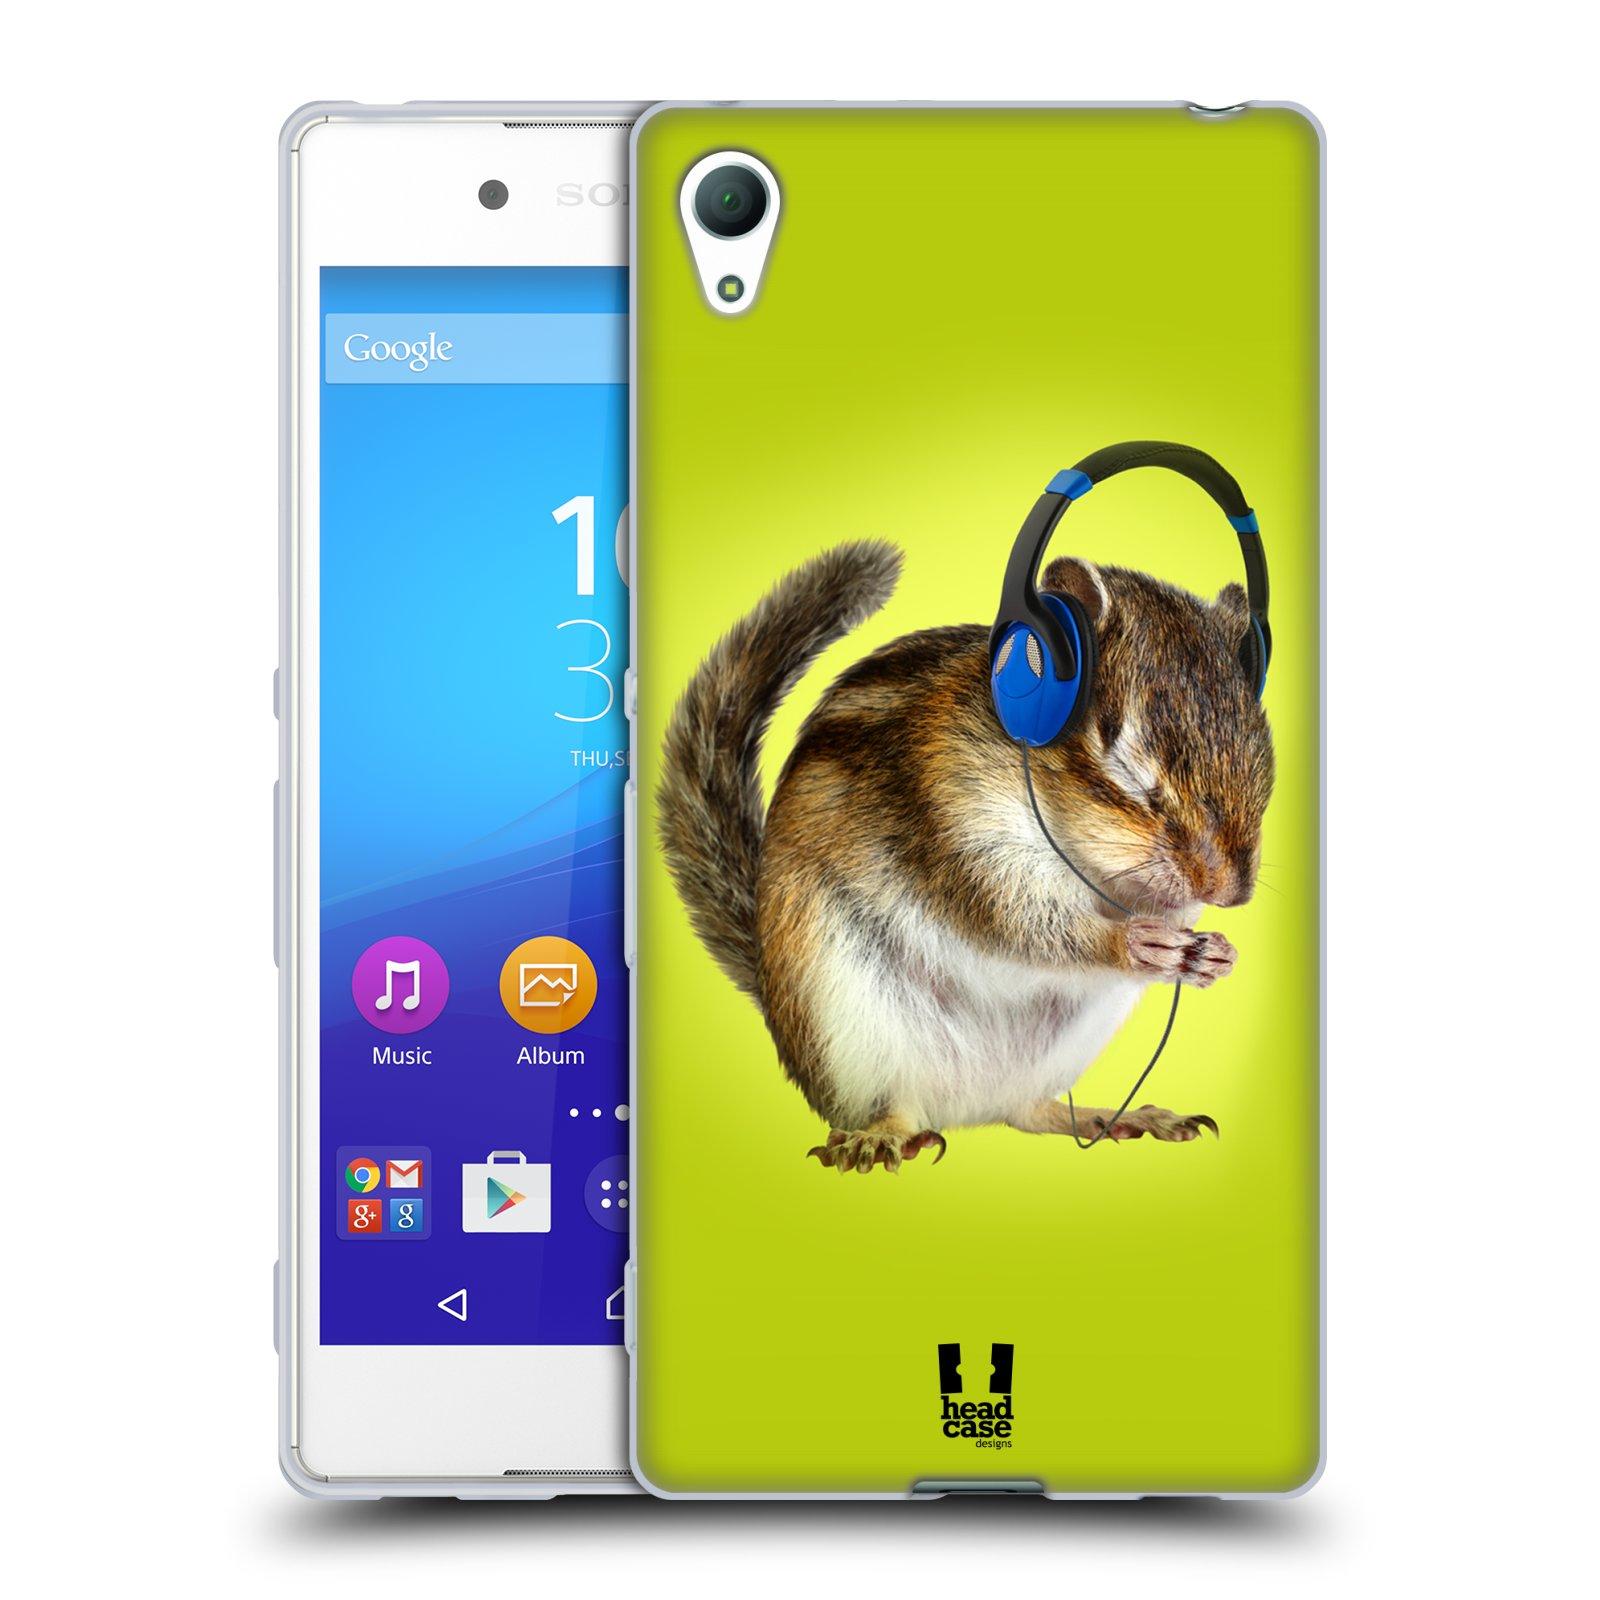 HEAD CASE silikonový obal na mobil Sony Xperia Z3 + (PLUS) vzor Legrační zvířátka veverka se sluchátky